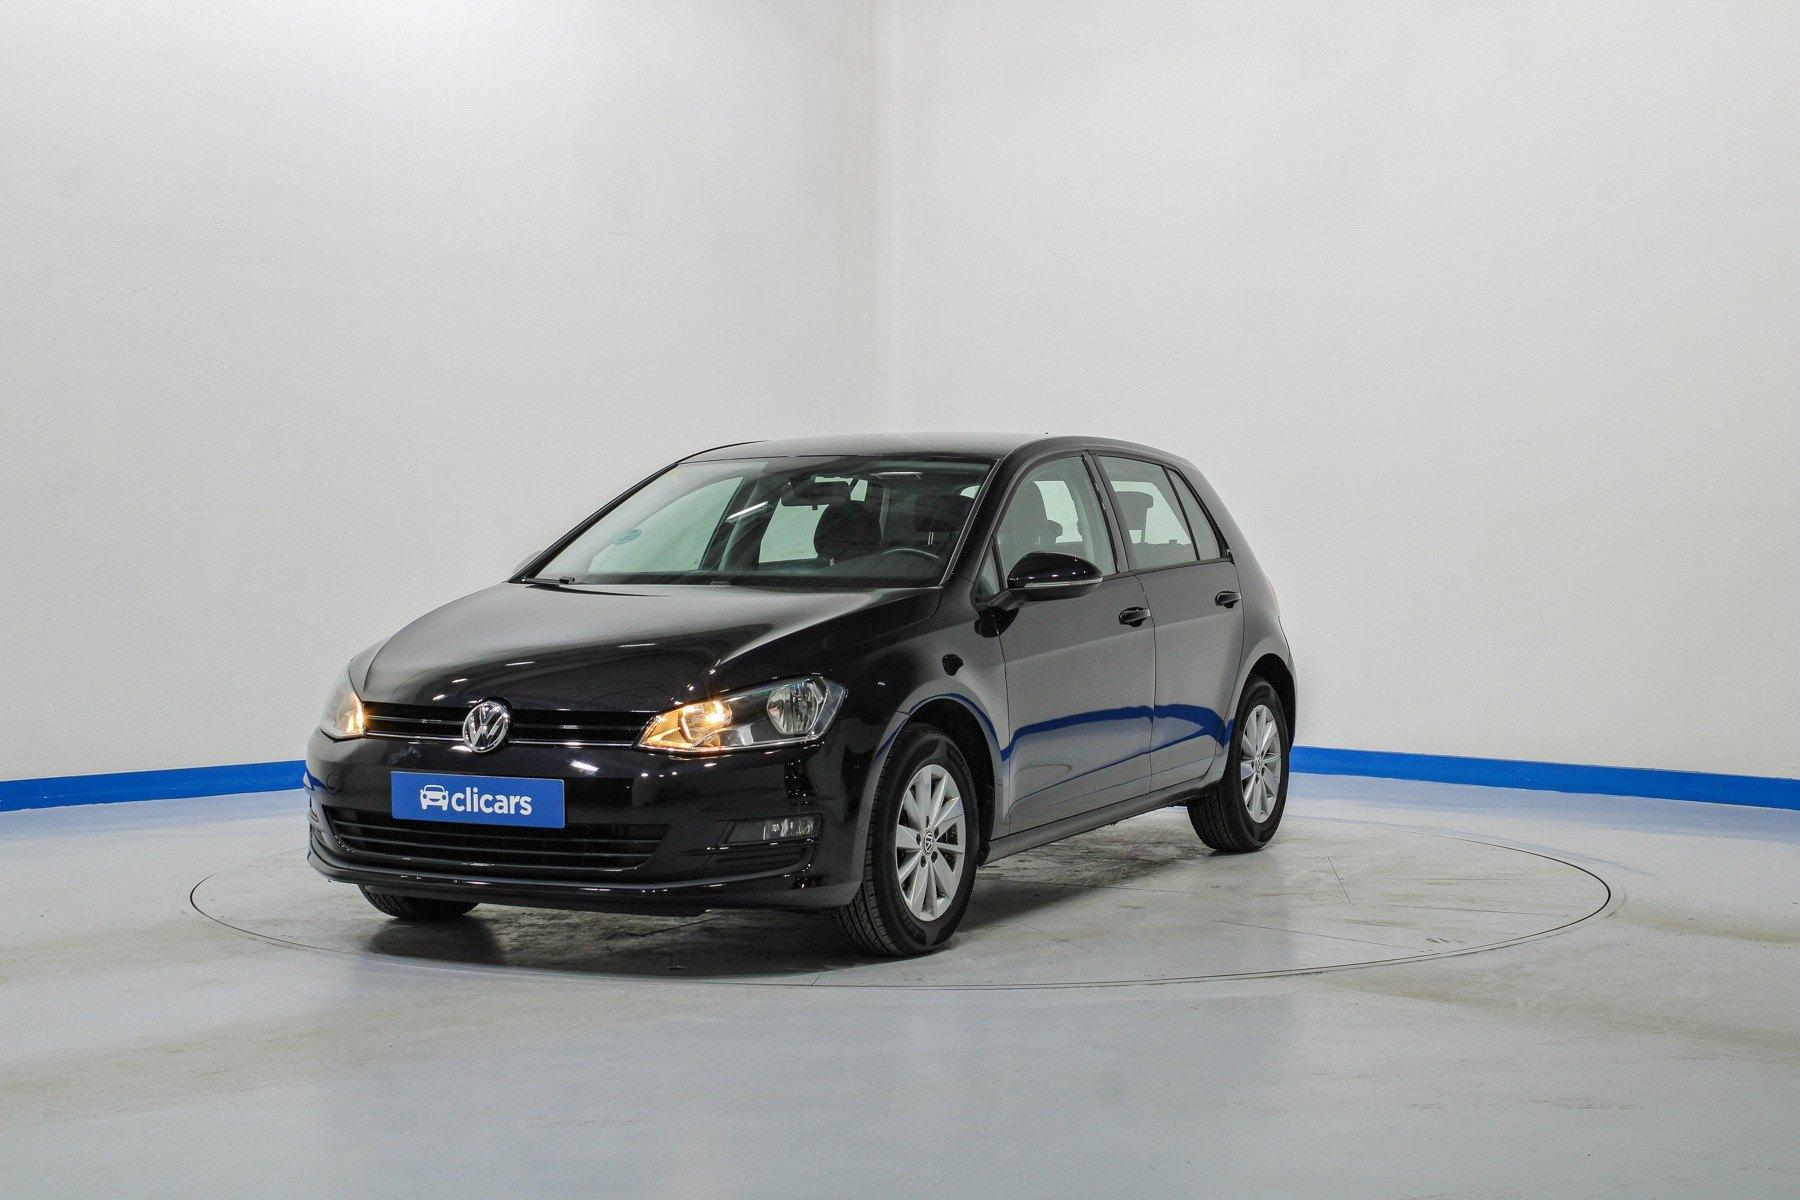 Volkswagen Golf Diésel Business & Navi 1.6 TDI 85kW Variant 1